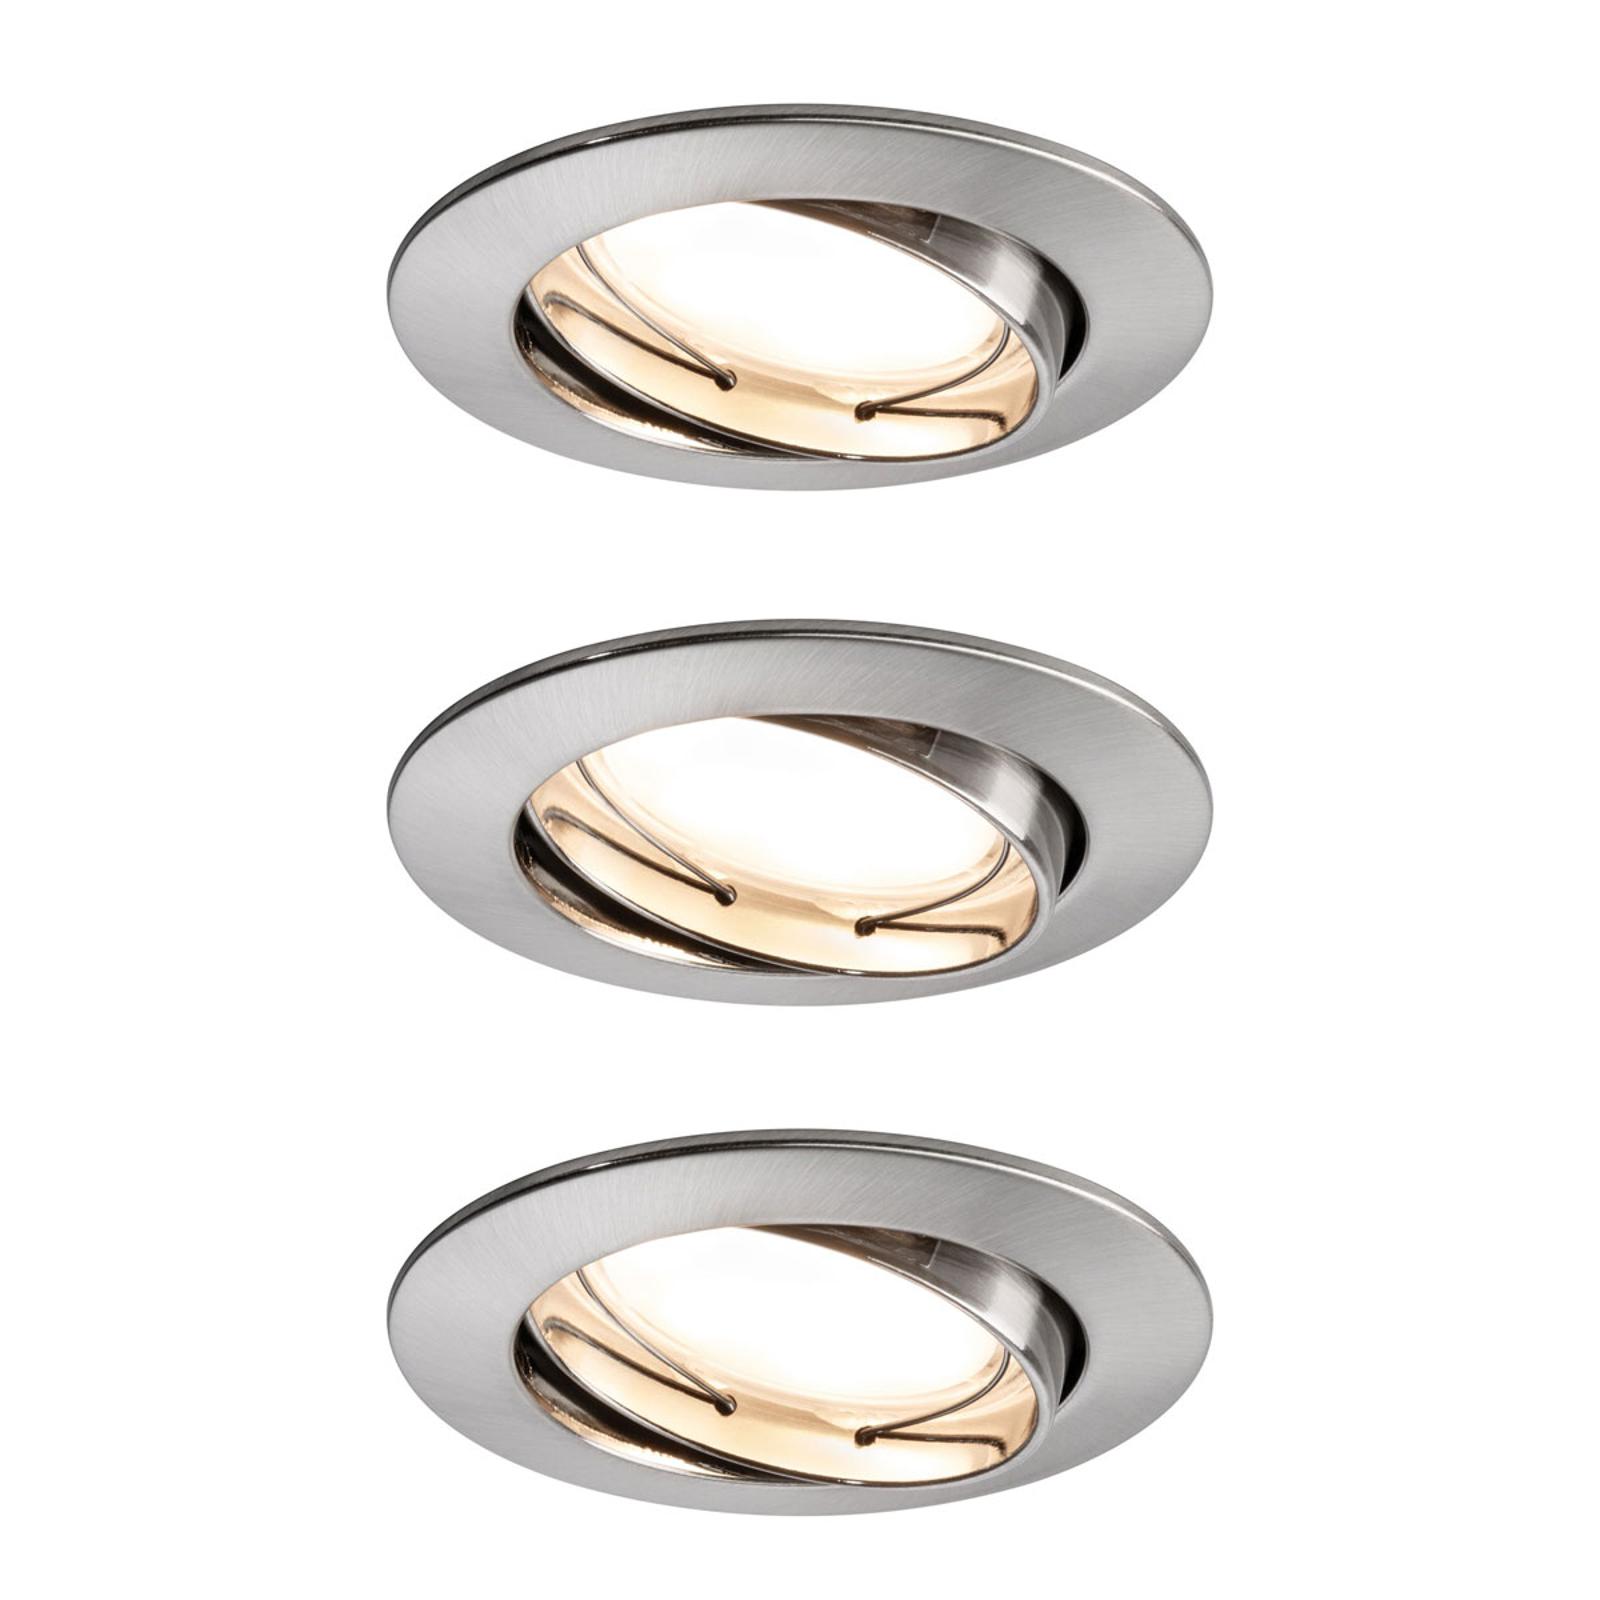 Paulmann LED-Spot Coin 3x7W dimm-/schwenkbar Eisen